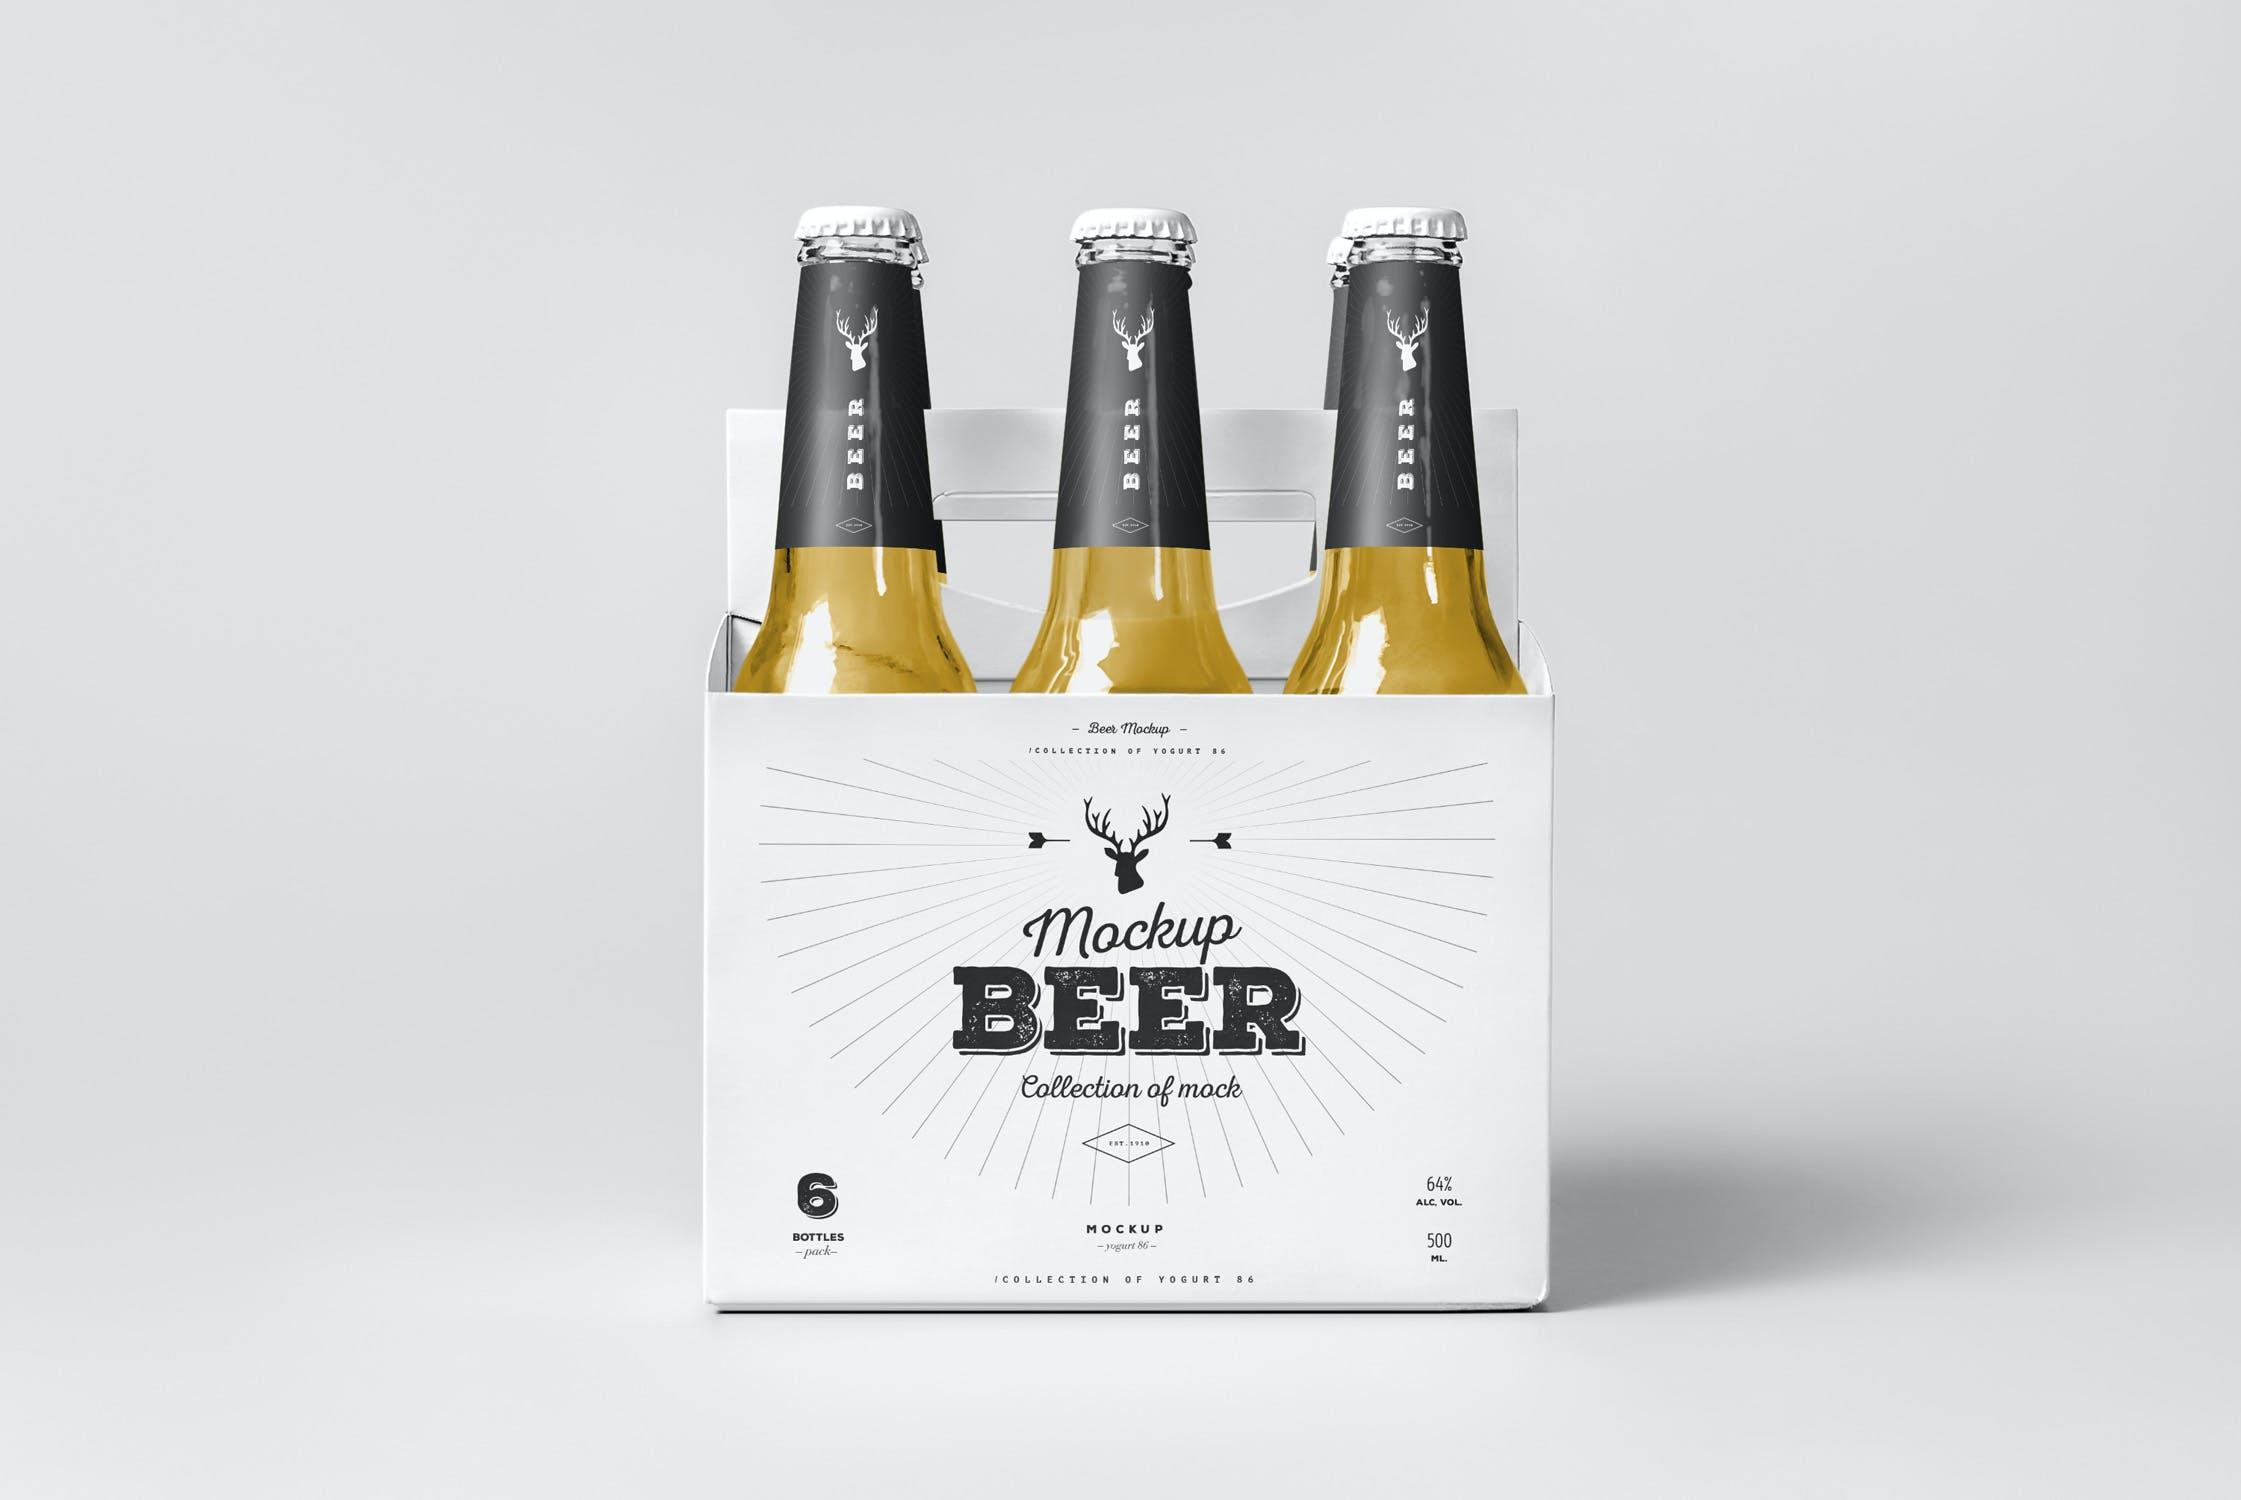 7款啤酒玻璃瓶标签设计展示样机模板 Beer Mockup 5插图(3)